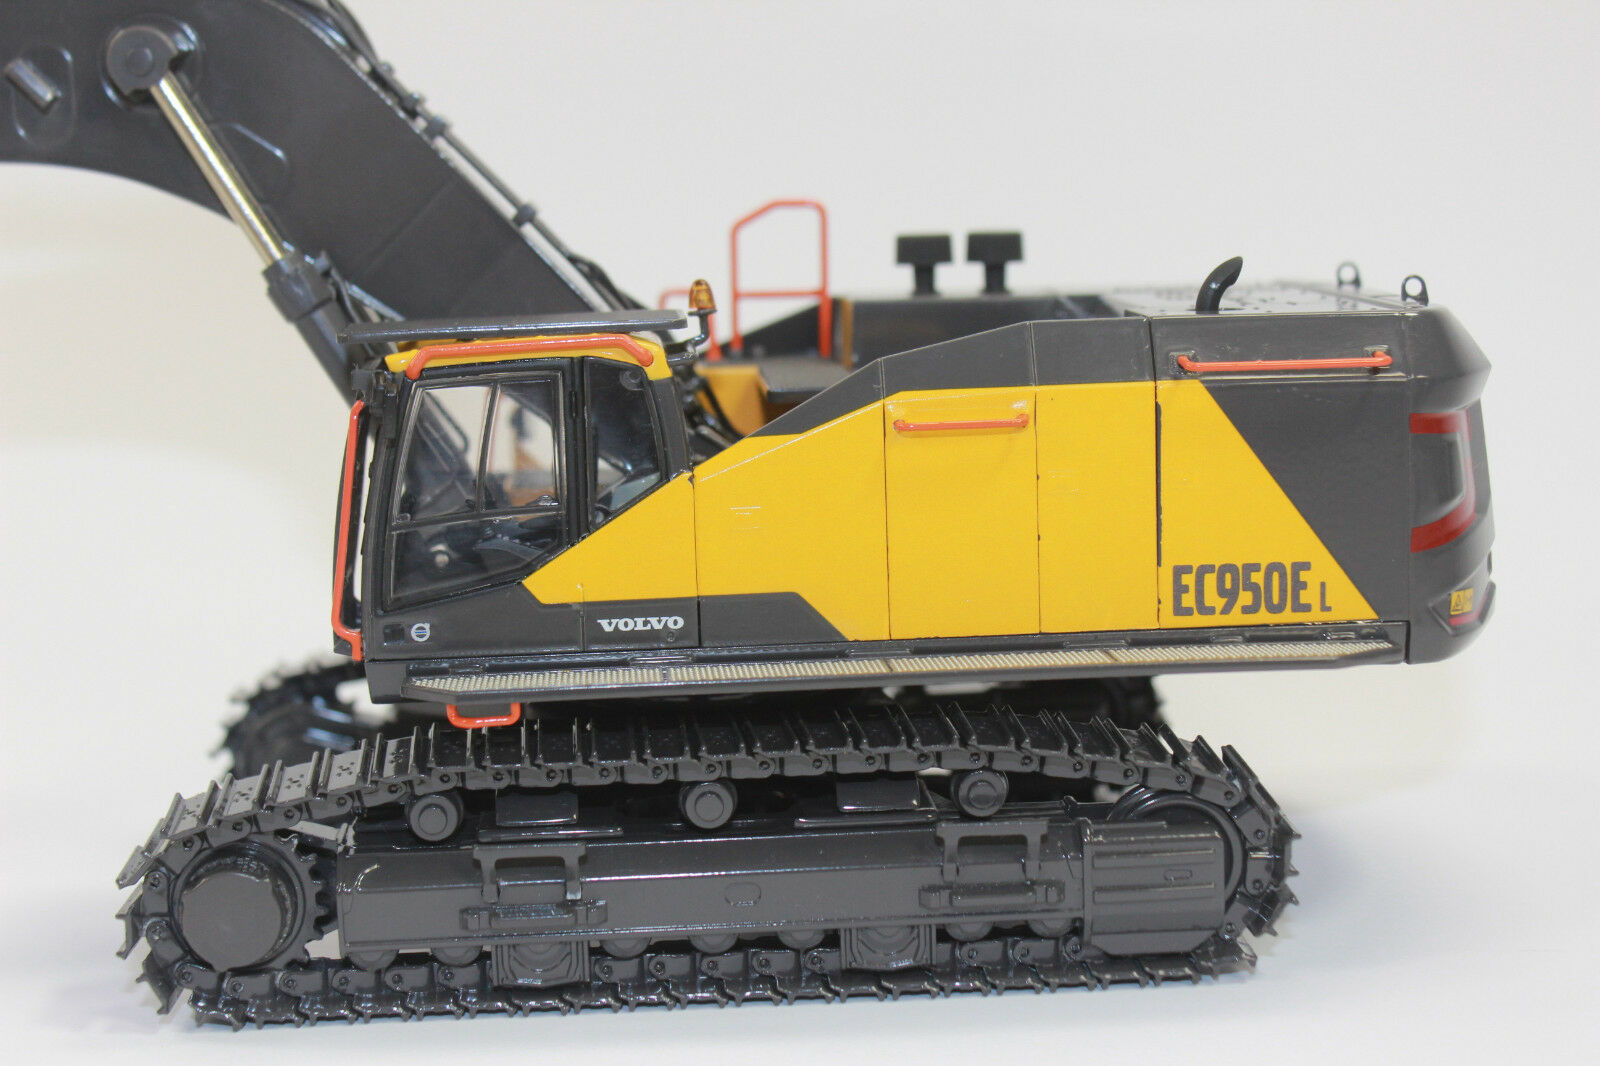 WSI 61-2001 VOLVO Ec950e TRACKED Excavator 1 50